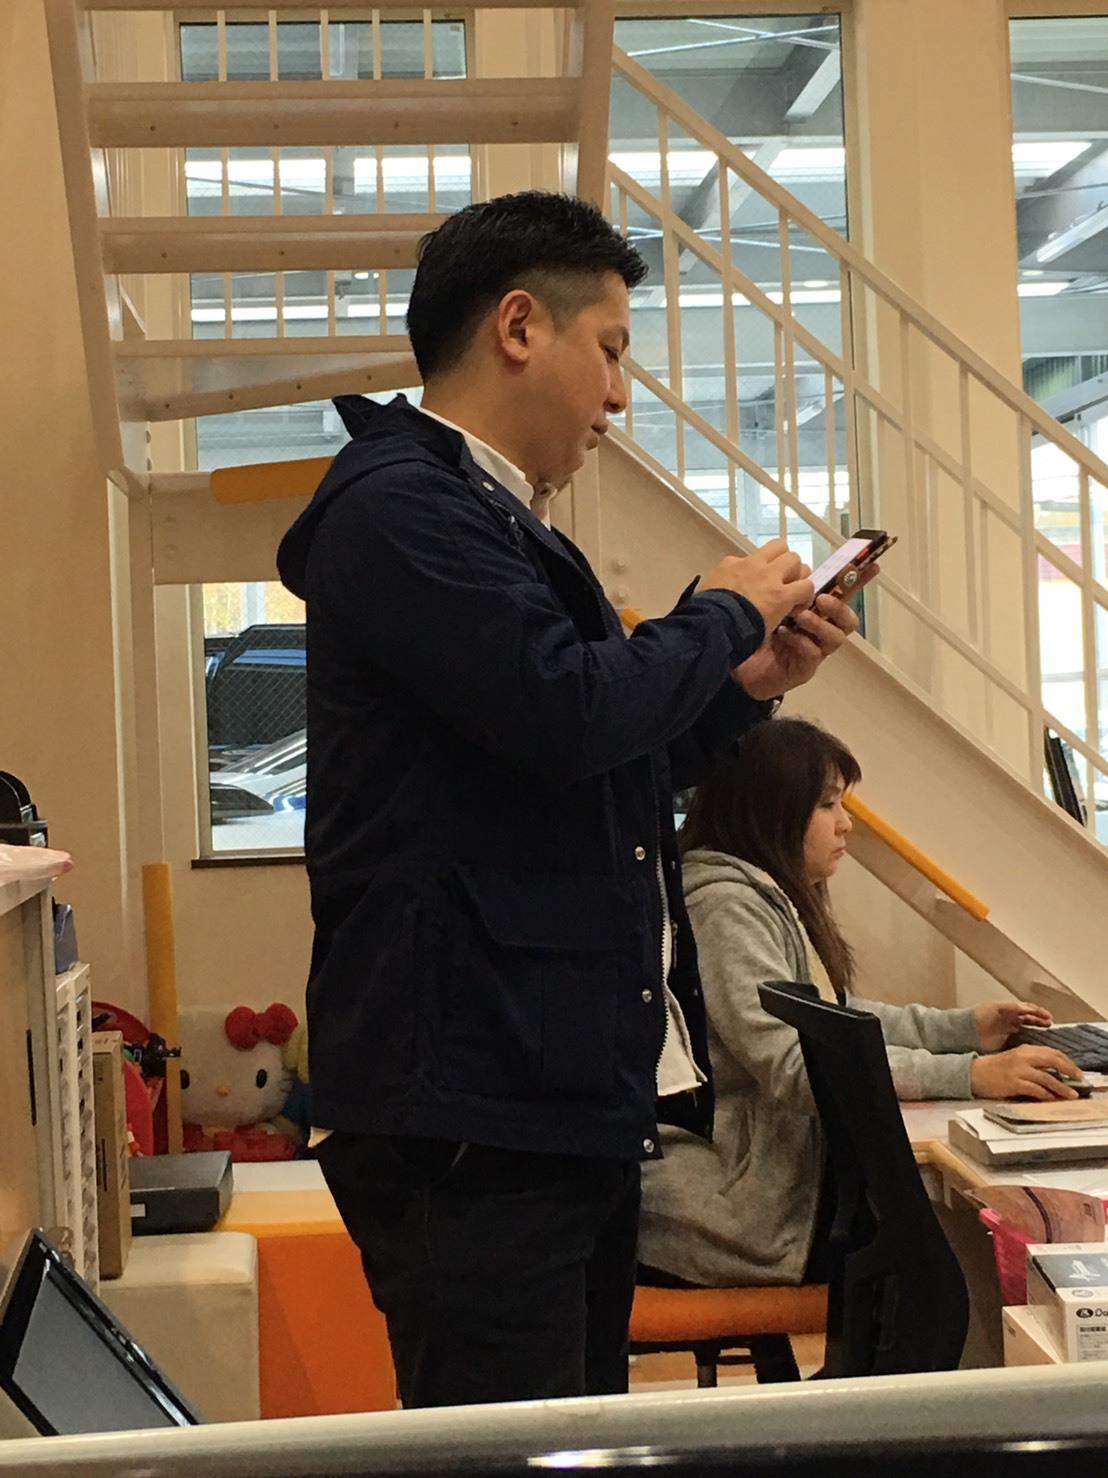 10月29日(火)本店ぶろぐーーハマーH3ありますよ♡ 除雪車レンタルもお任せください✊ ランクル ハマー アルファード_b0127002_19313342.jpg